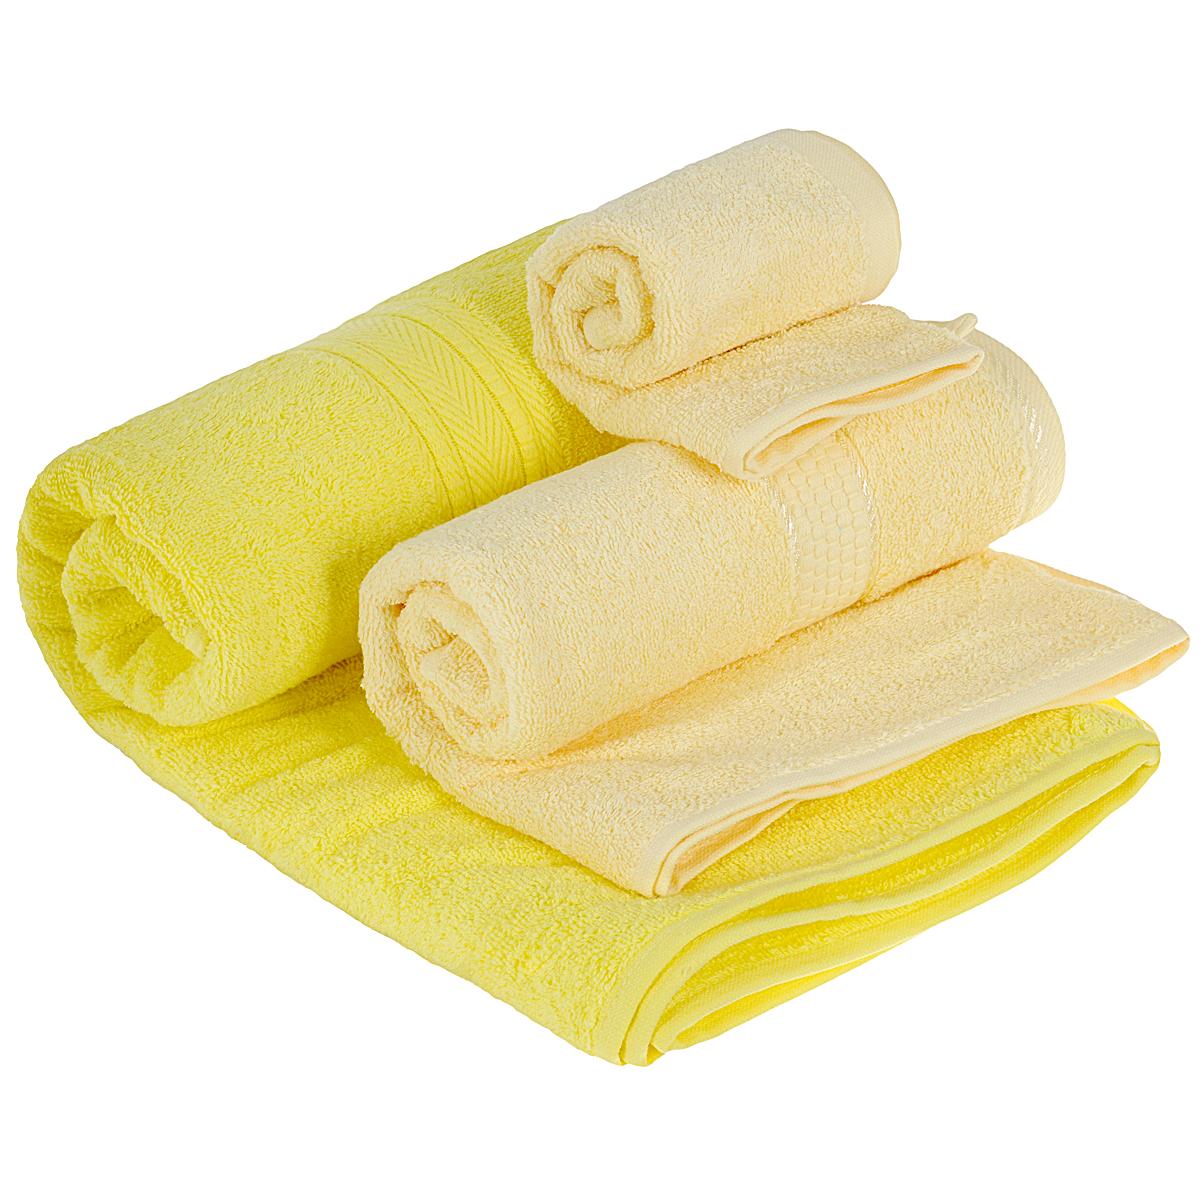 Набор махровых полотенец Osborn Textile, цвет: лимонный, 3 штУзТ-КМП-08-02Набор Osborn Textile состоит из трех полотенец разного размера, выполненных из натурального хлопка. Такие полотенца отлично впитывают влагу, быстро сохнут, сохраняют яркость цвета и не теряют формы даже после многократных стирок. Полотенца очень практичны и неприхотливы в уходе. Размер полотенец: 40 см х 40 см; 50 см х 90 см; 70 см х 140 см. Плотность: 450 г/м2.